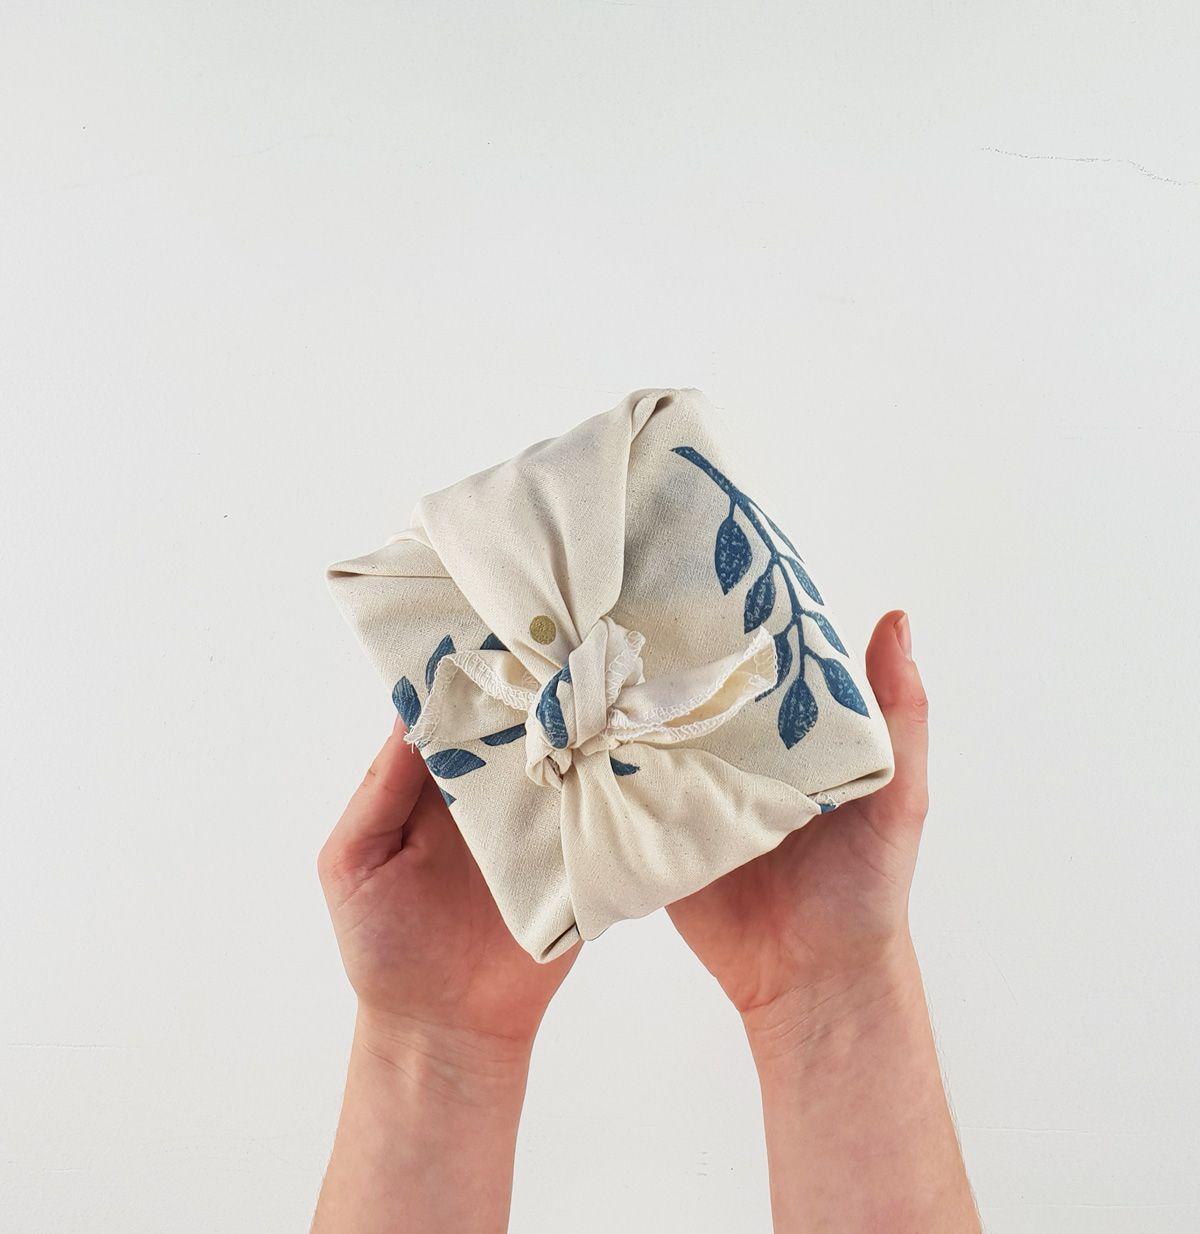 Regalo envuelto con la técnica furoshiki, tendencia decoración para Navidad 2020 @utrillanais